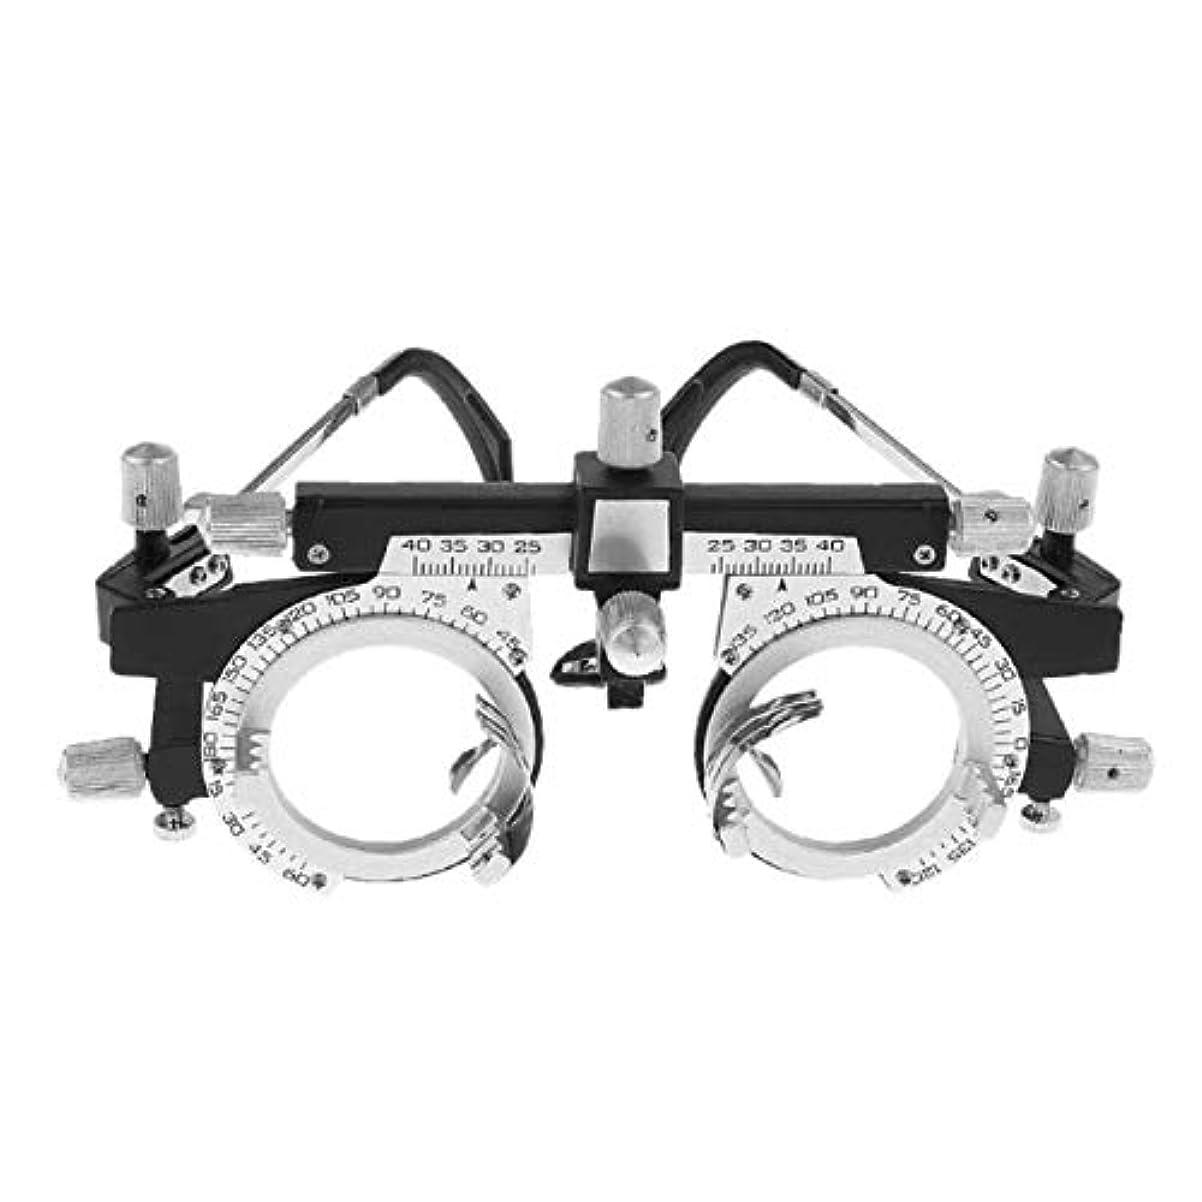 コンプライアンス観察するステレオタイプ友美 調節可能なプロフェッショナルアイウェア検眼メタルフレーム光学オプティクストライアルレンズメタルフレームPDメガネアクセサリー